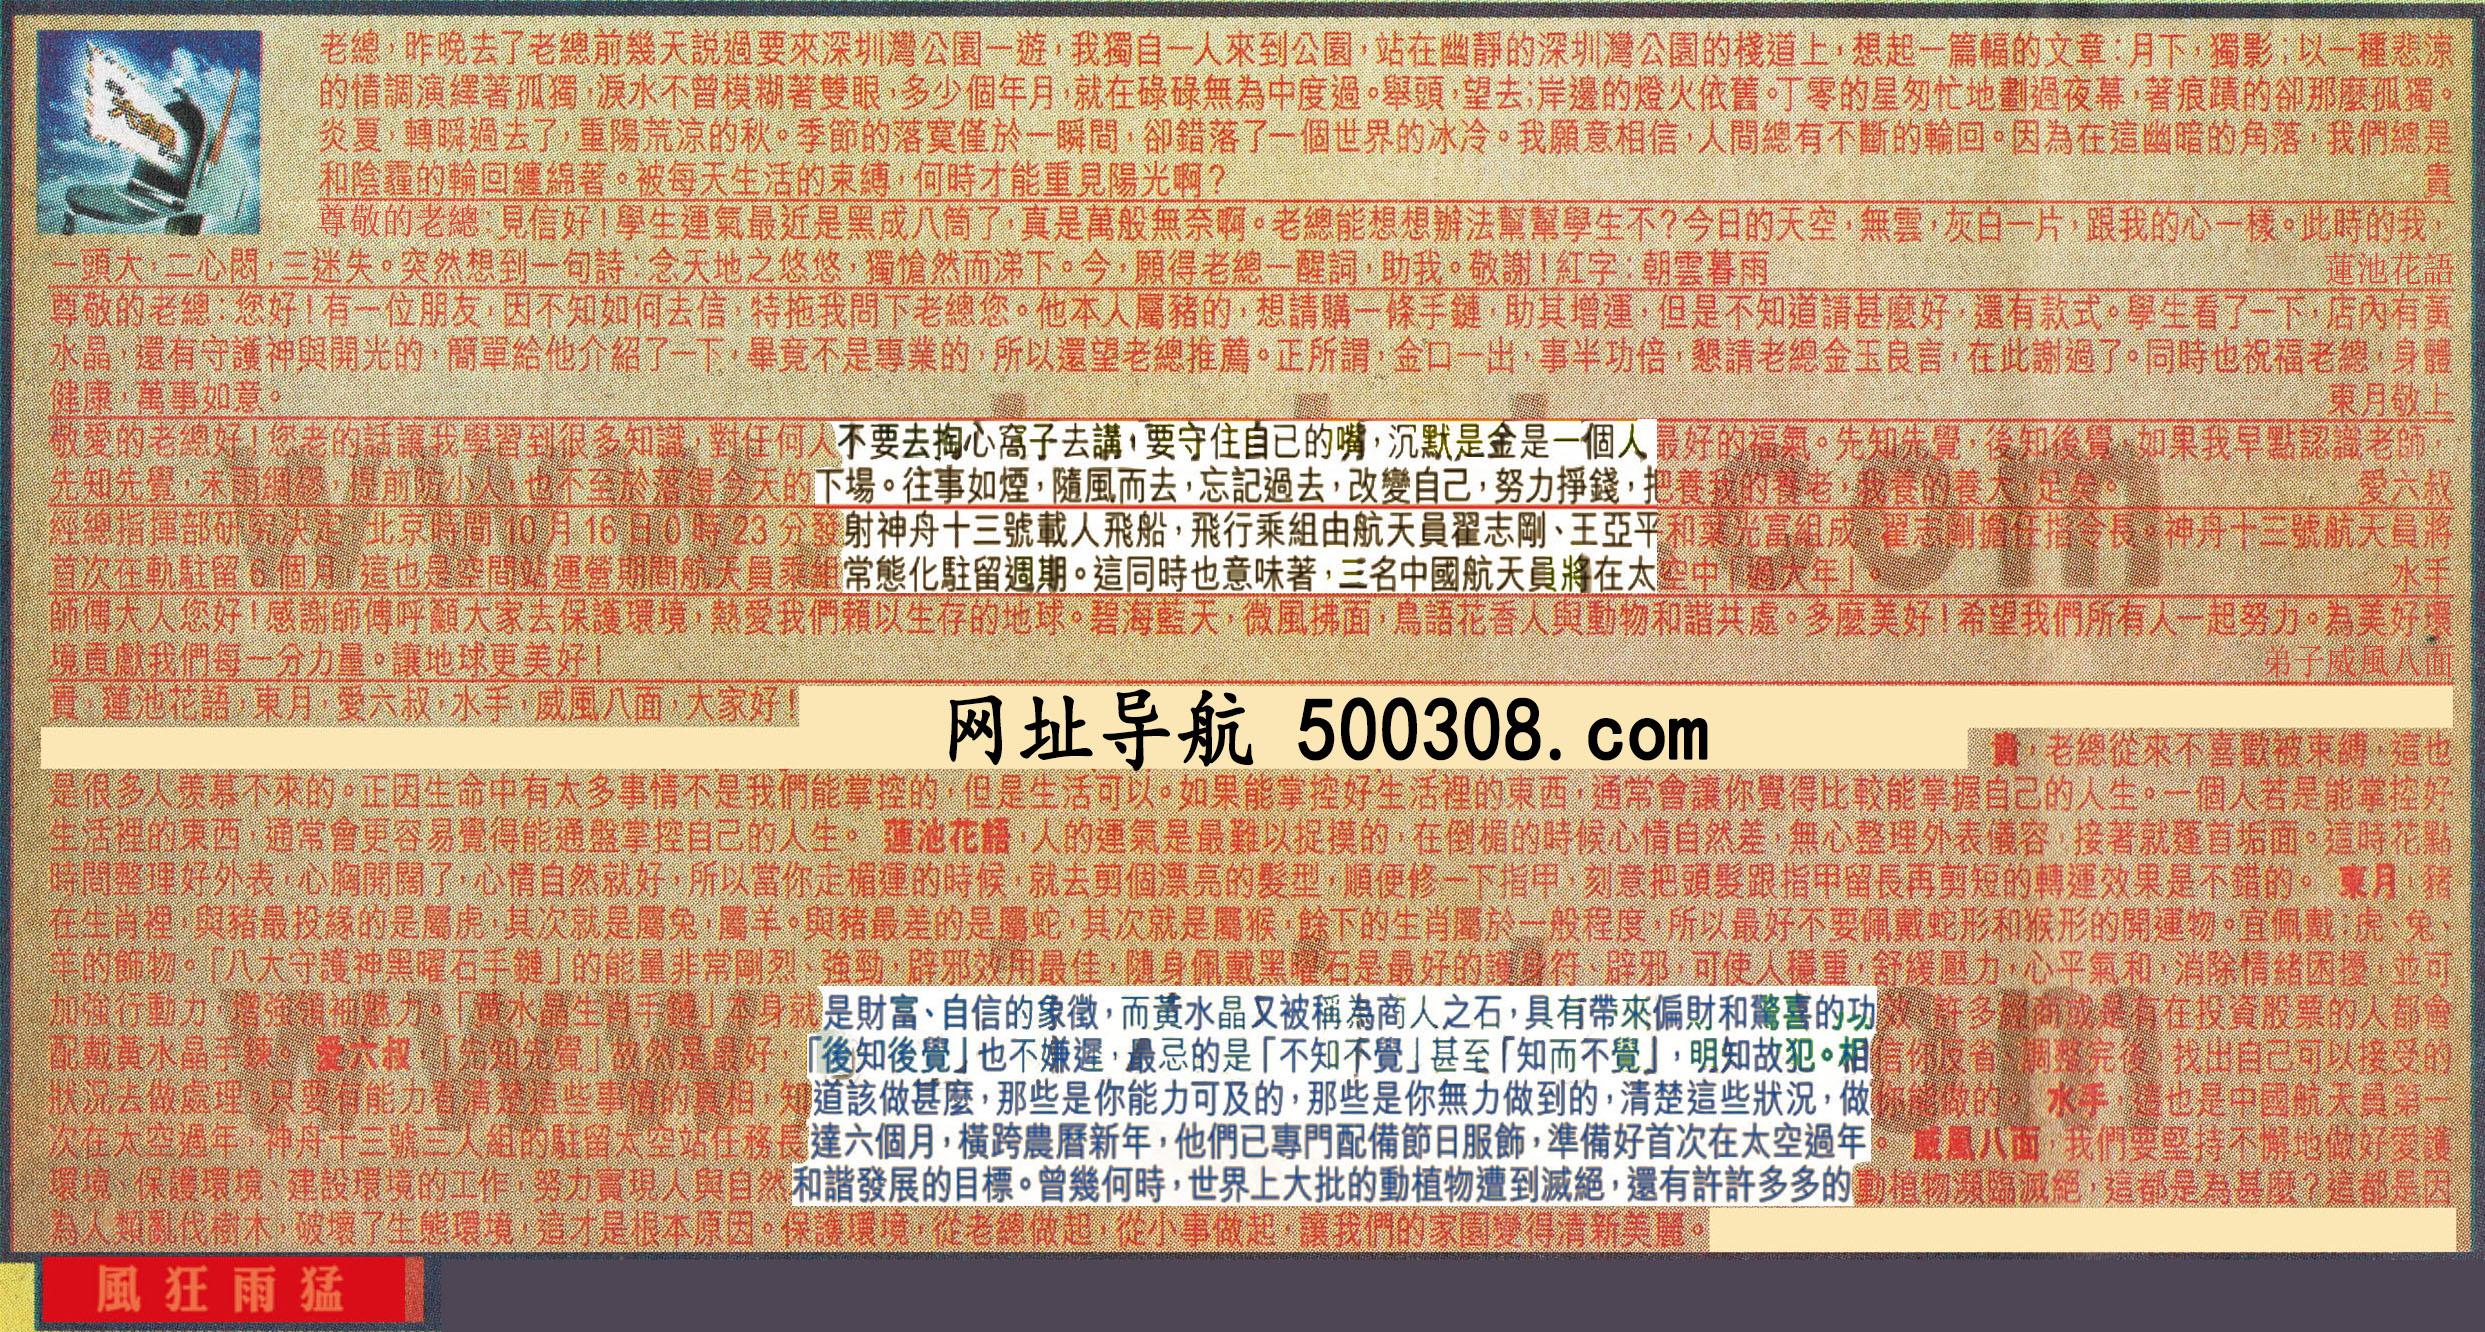 093期:彩民推荐六合皇信箱(�t字:�L狂雨猛)